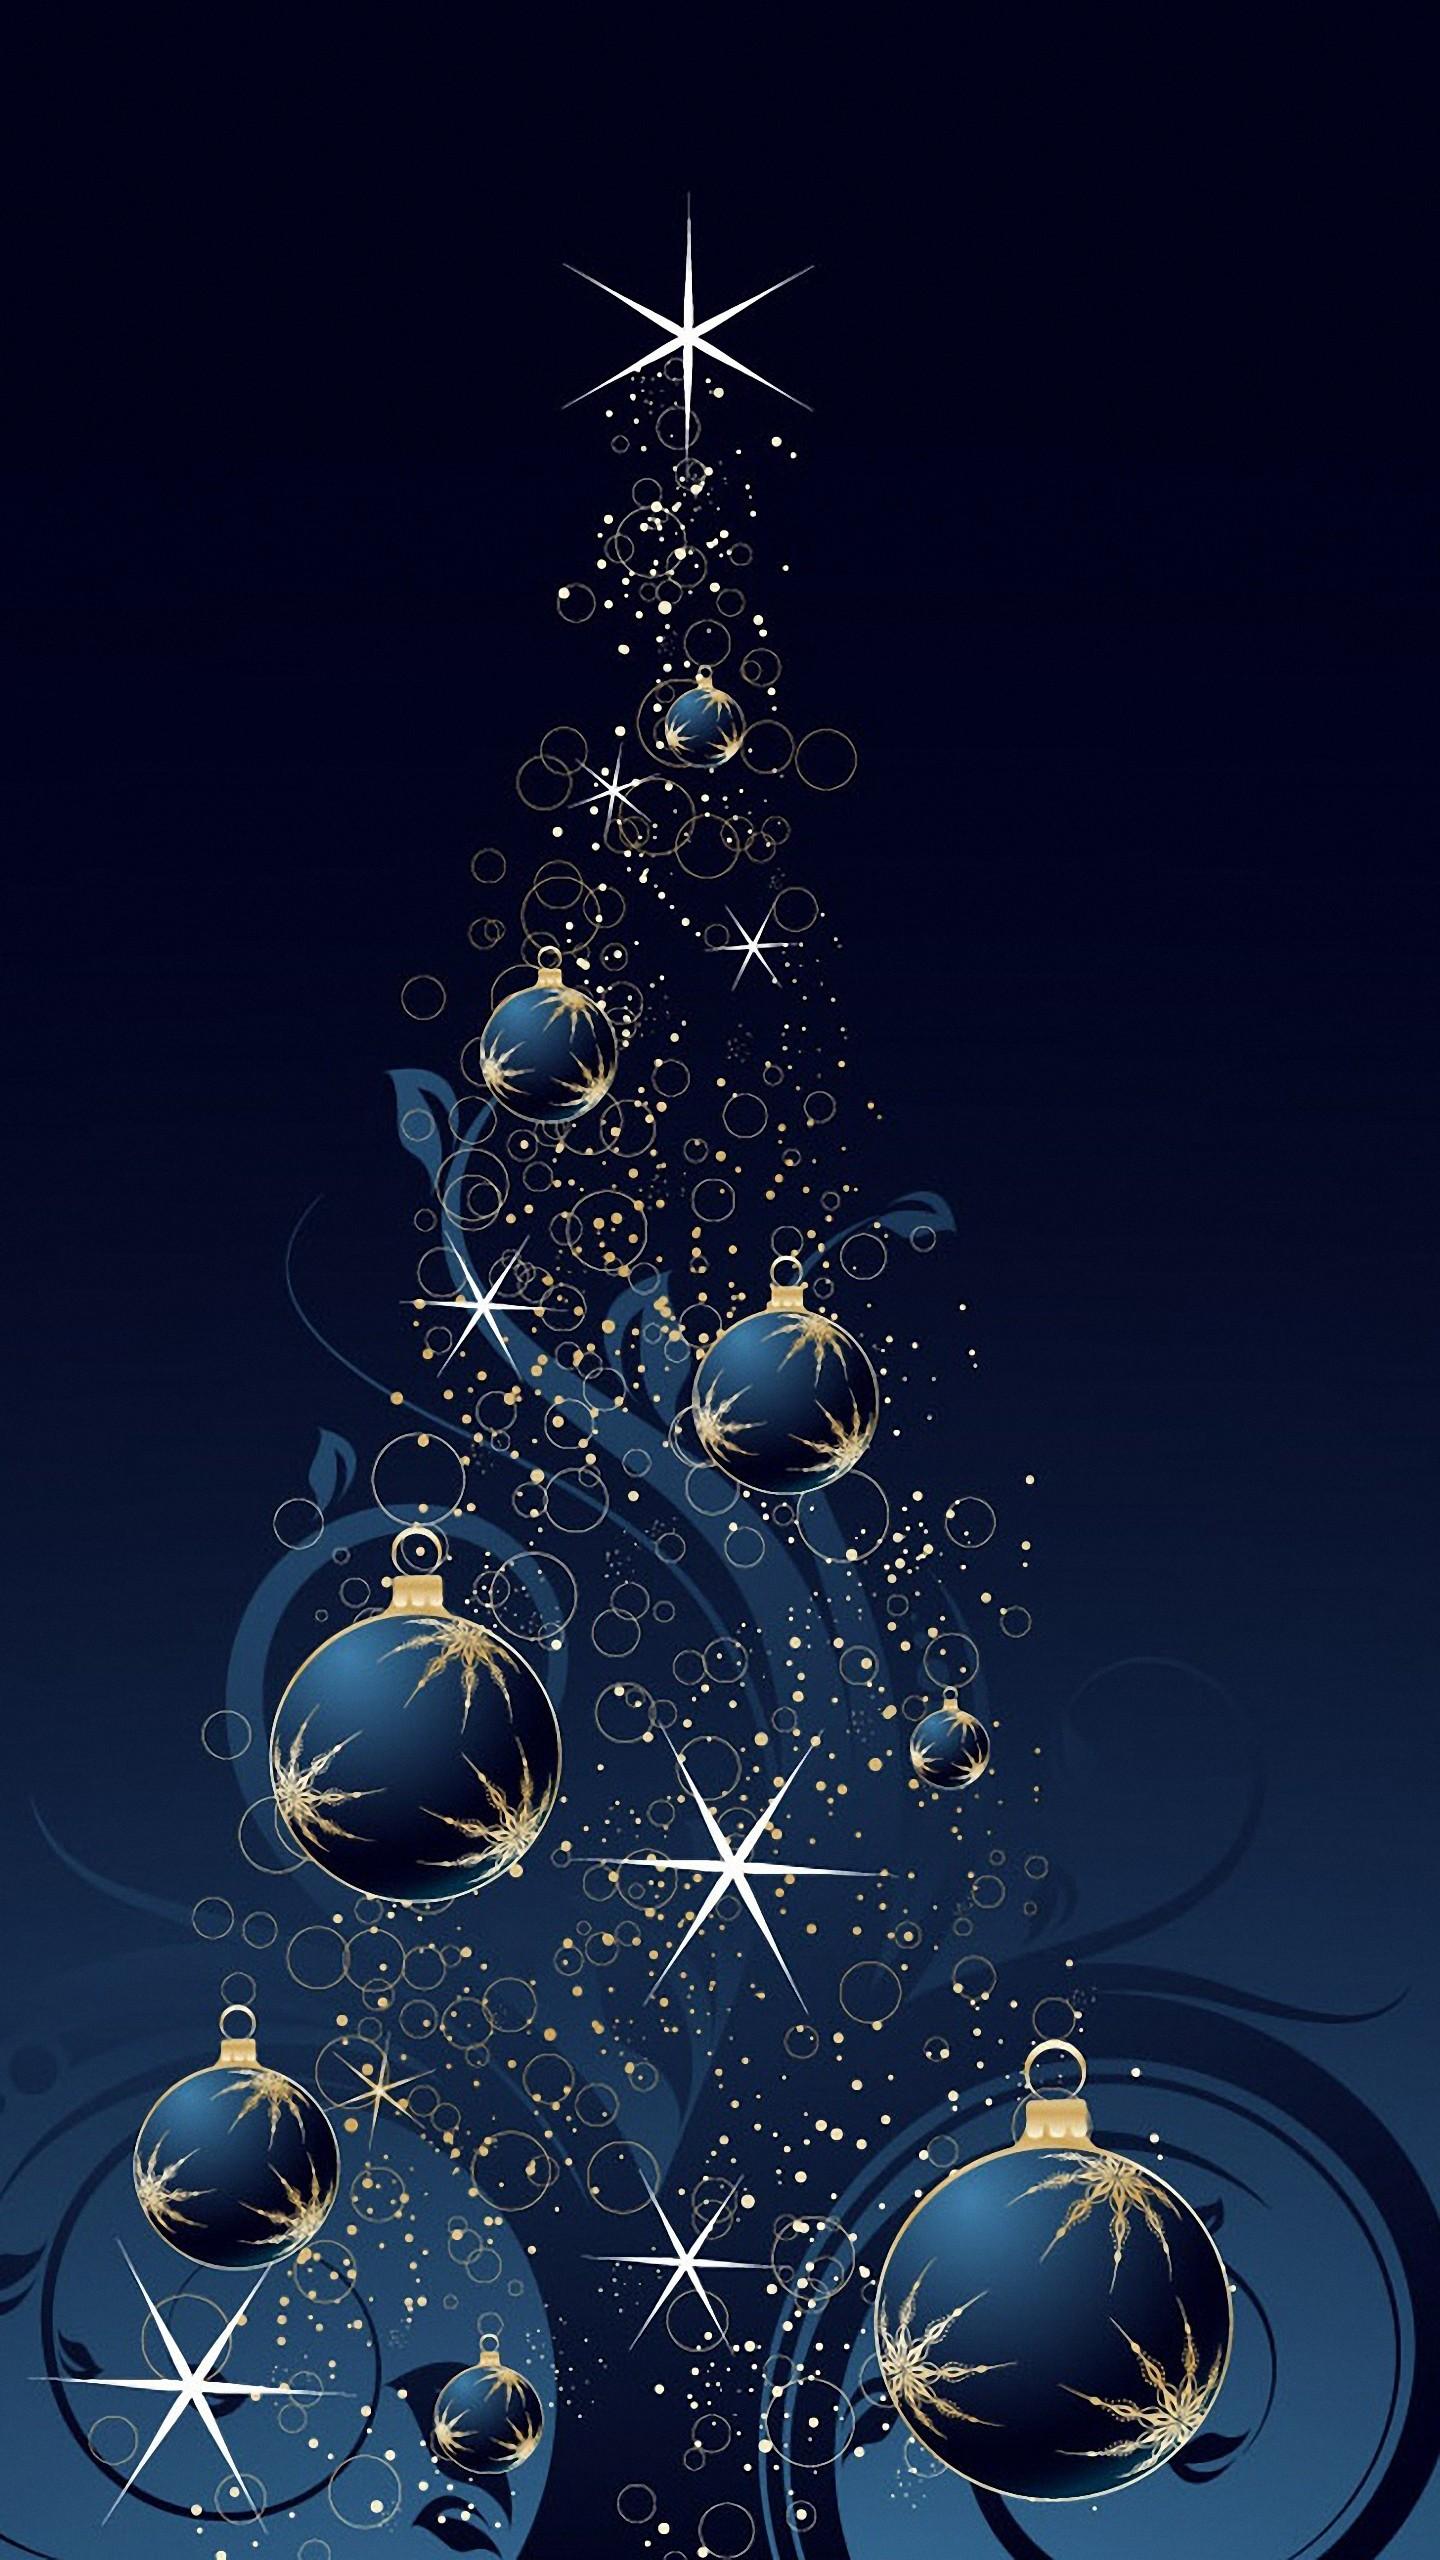 Планета, картинки новый год зима красивые на телефон мобильный